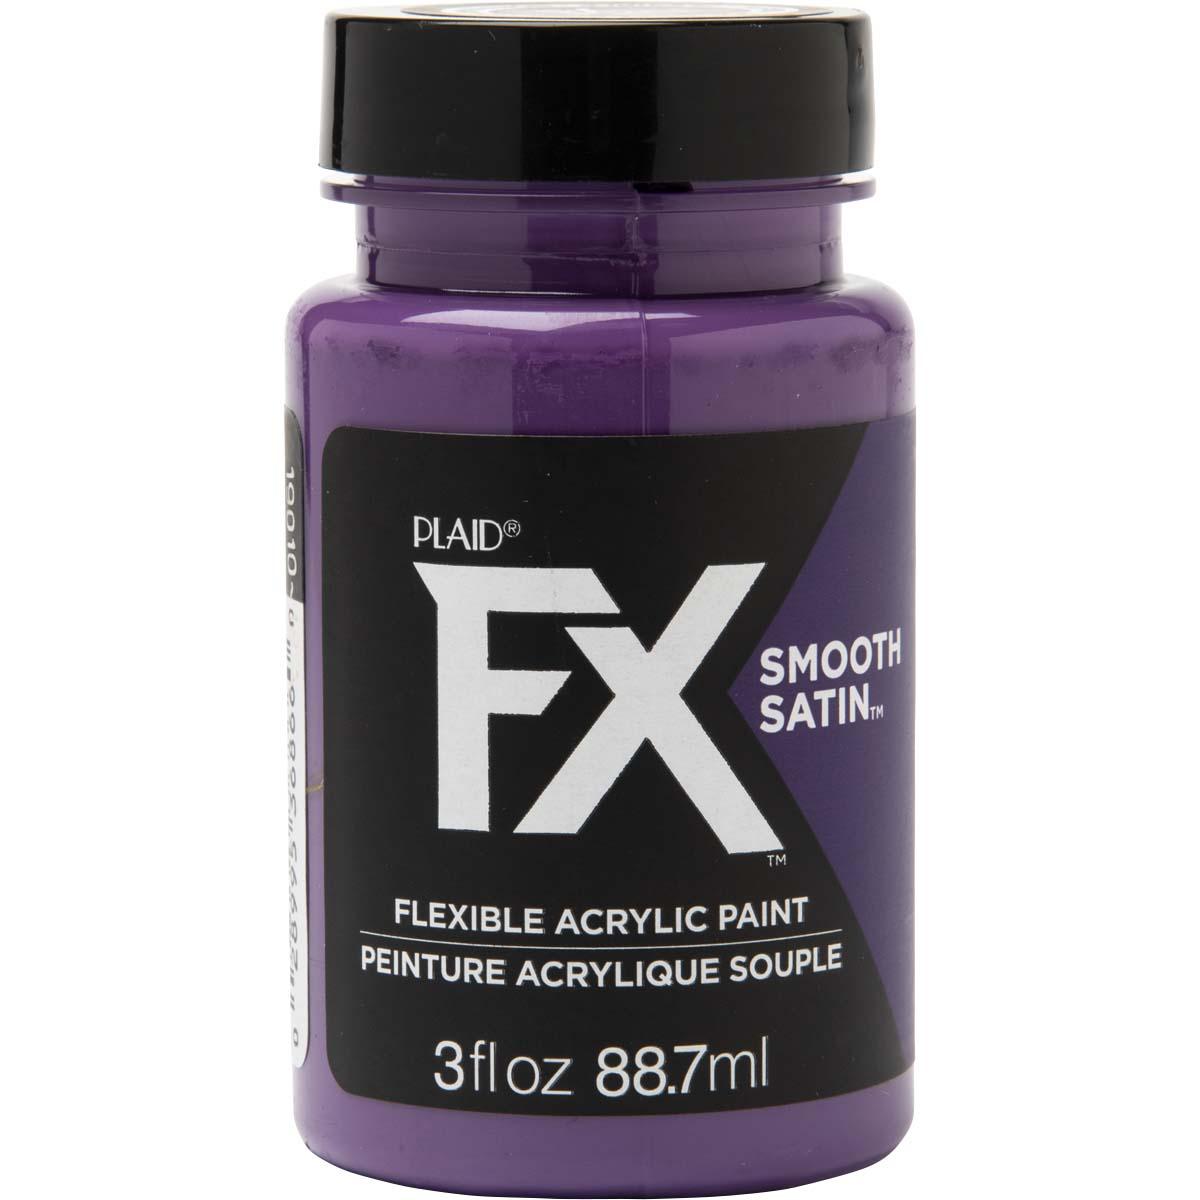 PlaidFX Smooth Satin Flexible Acrylic Paint - Malevolent, 3 oz. - 36866